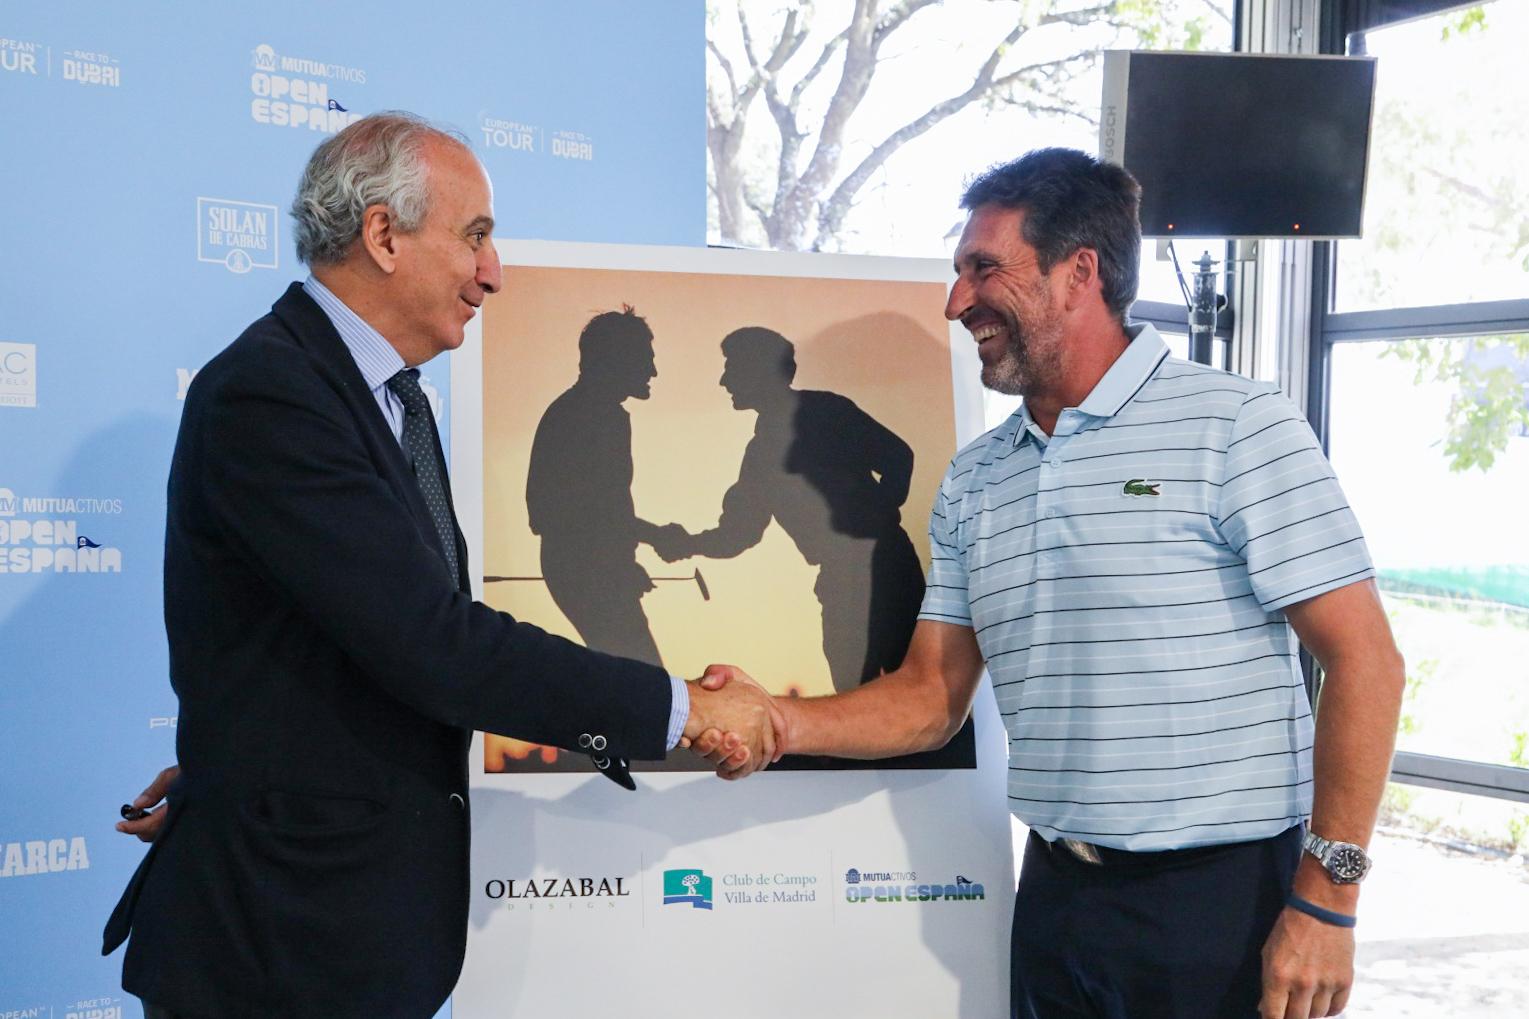 El gerente del Club, Juan Carlos Vera Pró, y José María Olazábal (dcha.) se estrechan la mano. Foto: Miguel Ros